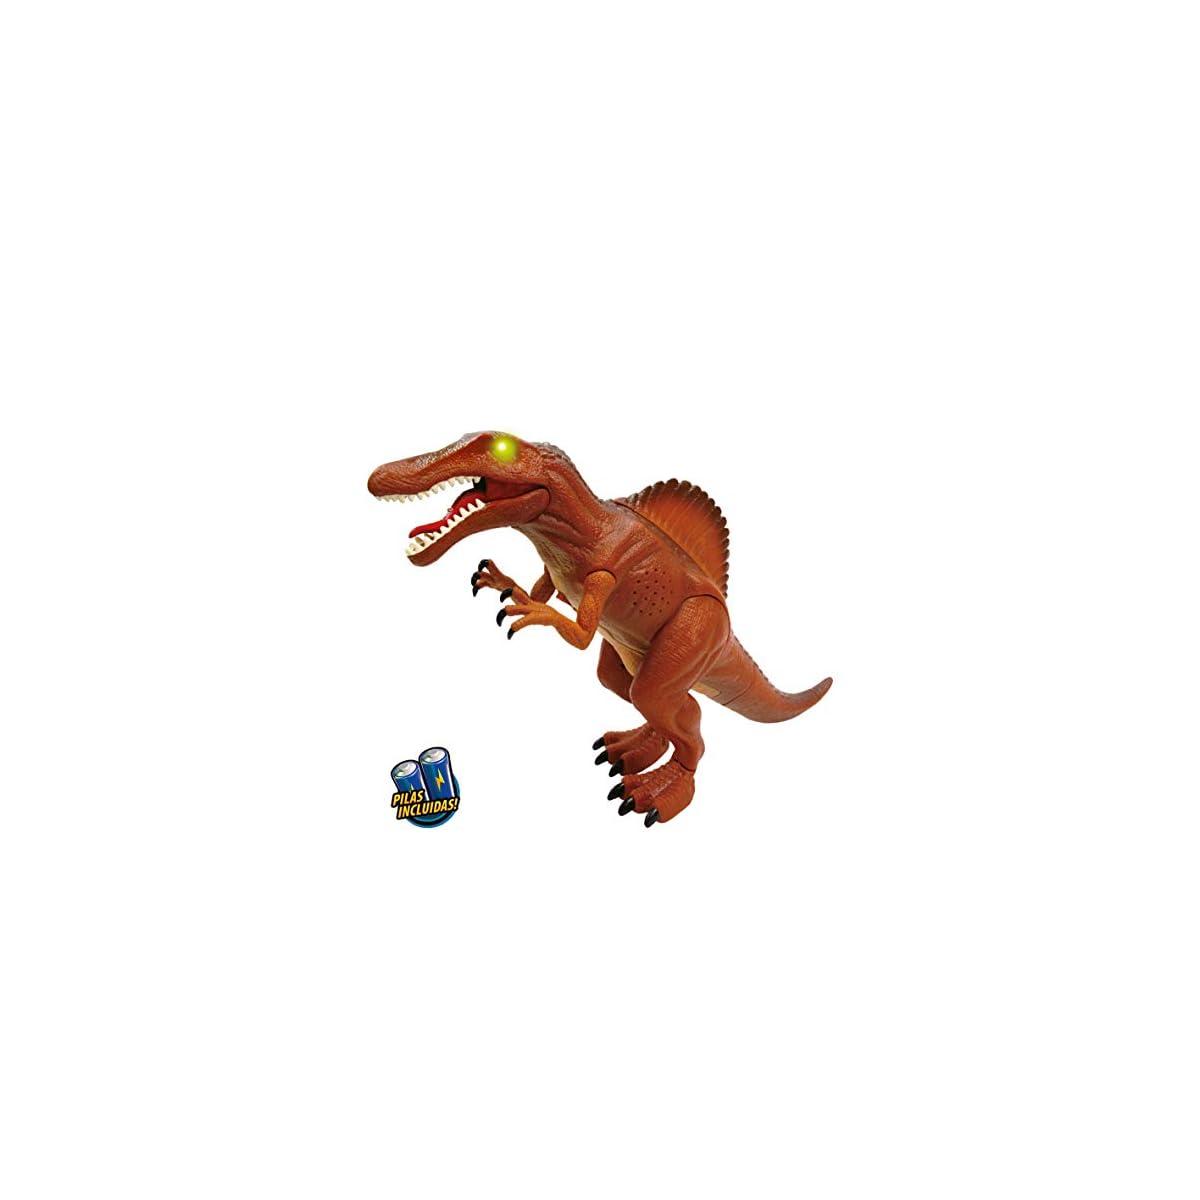 Spinosaurus Dinosaurios Juguetes Espinosauro Juegos De Dinosaurios Figura Dinosaurio Juguetes De Dinosaurios Para Juguetines Todos Los Juguetes A Un Clic Os dejo una selección de producto relacionados con estos magníficos seres. spinosaurus dinosaurios juguetes espinosauro juegos de dinosaurios figura dinosaurio juguetes de dinosaurios para